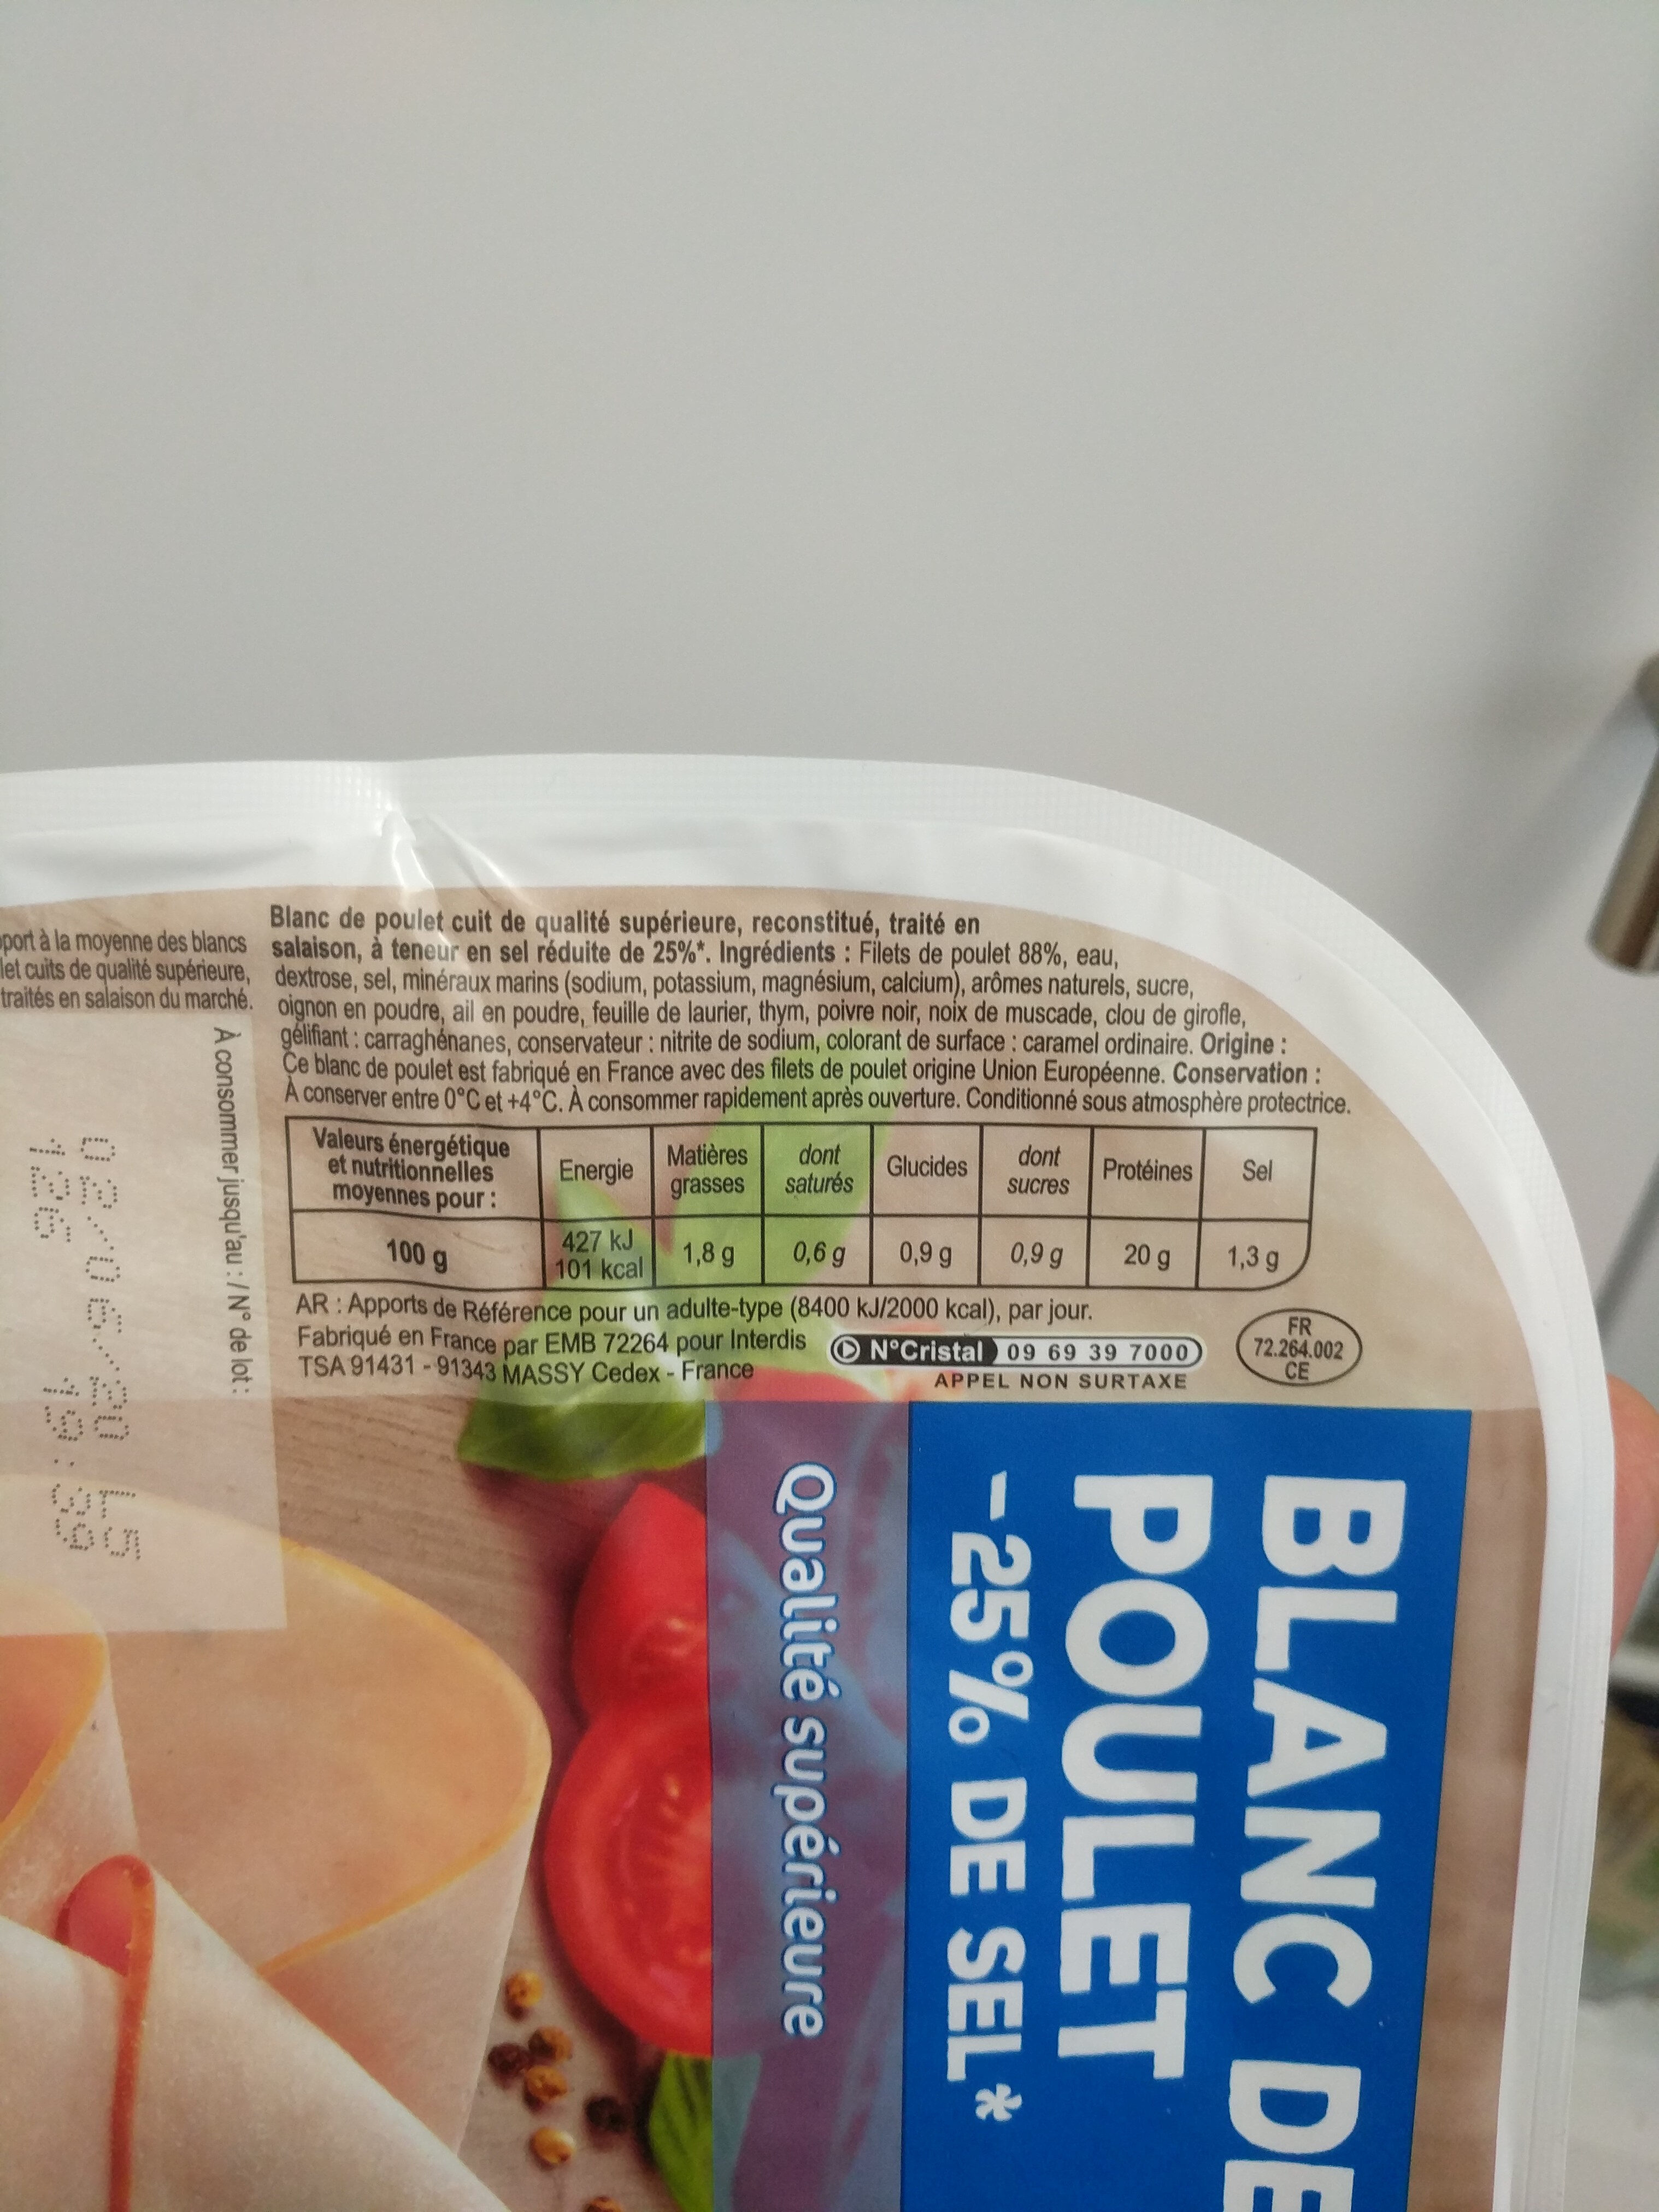 Blanc de  poulet -25% de sel* - Informations nutritionnelles - fr